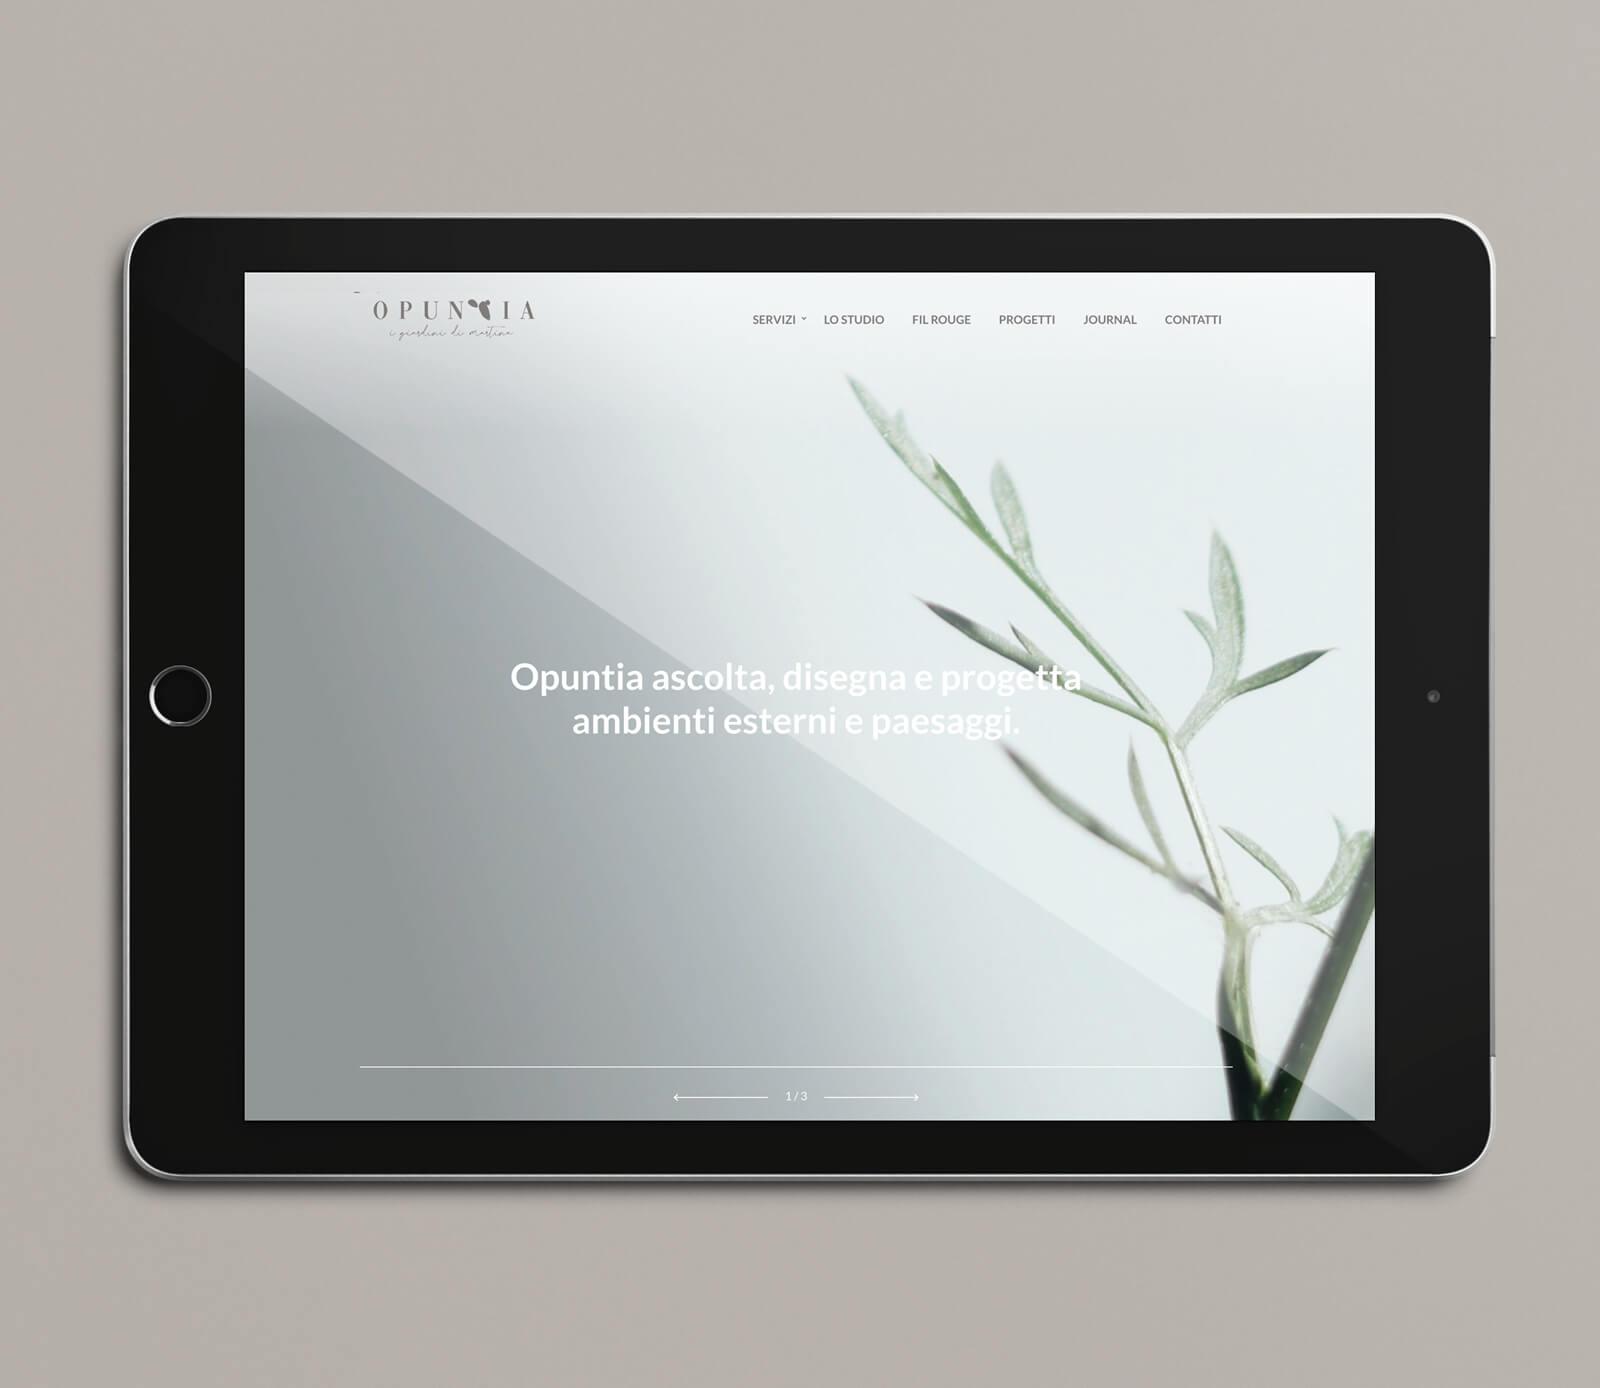 progetto per sito web Opuntia i giardini di Martina, Diadestudio, Arco Tn